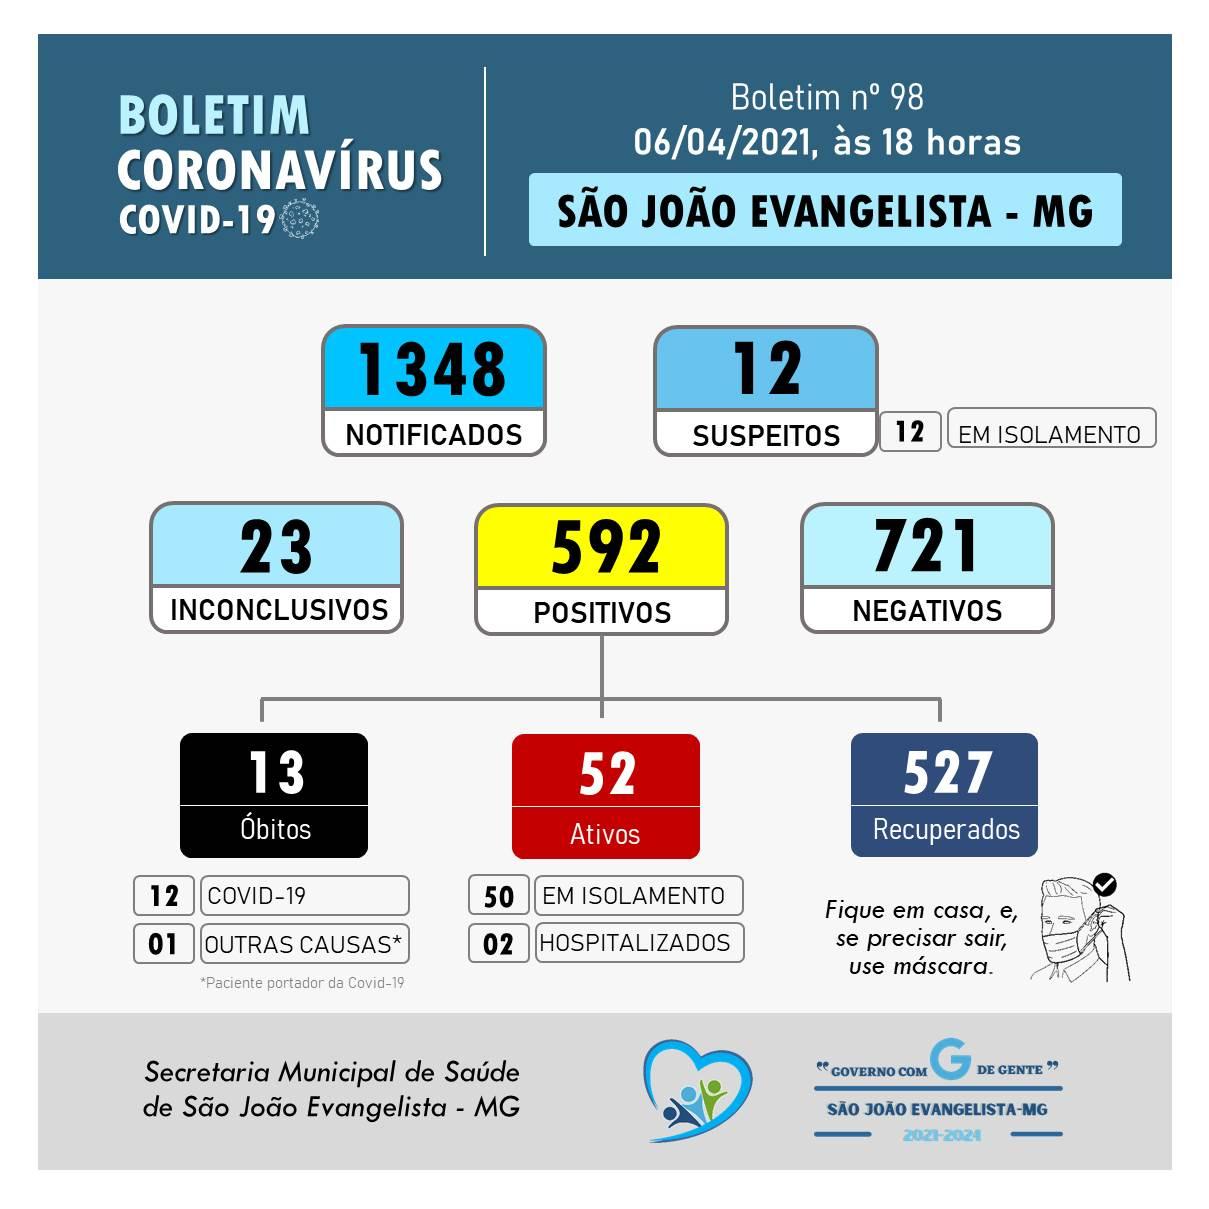 BOLETIM CORONAVÍRUS N° 098 DE 06/04/2021